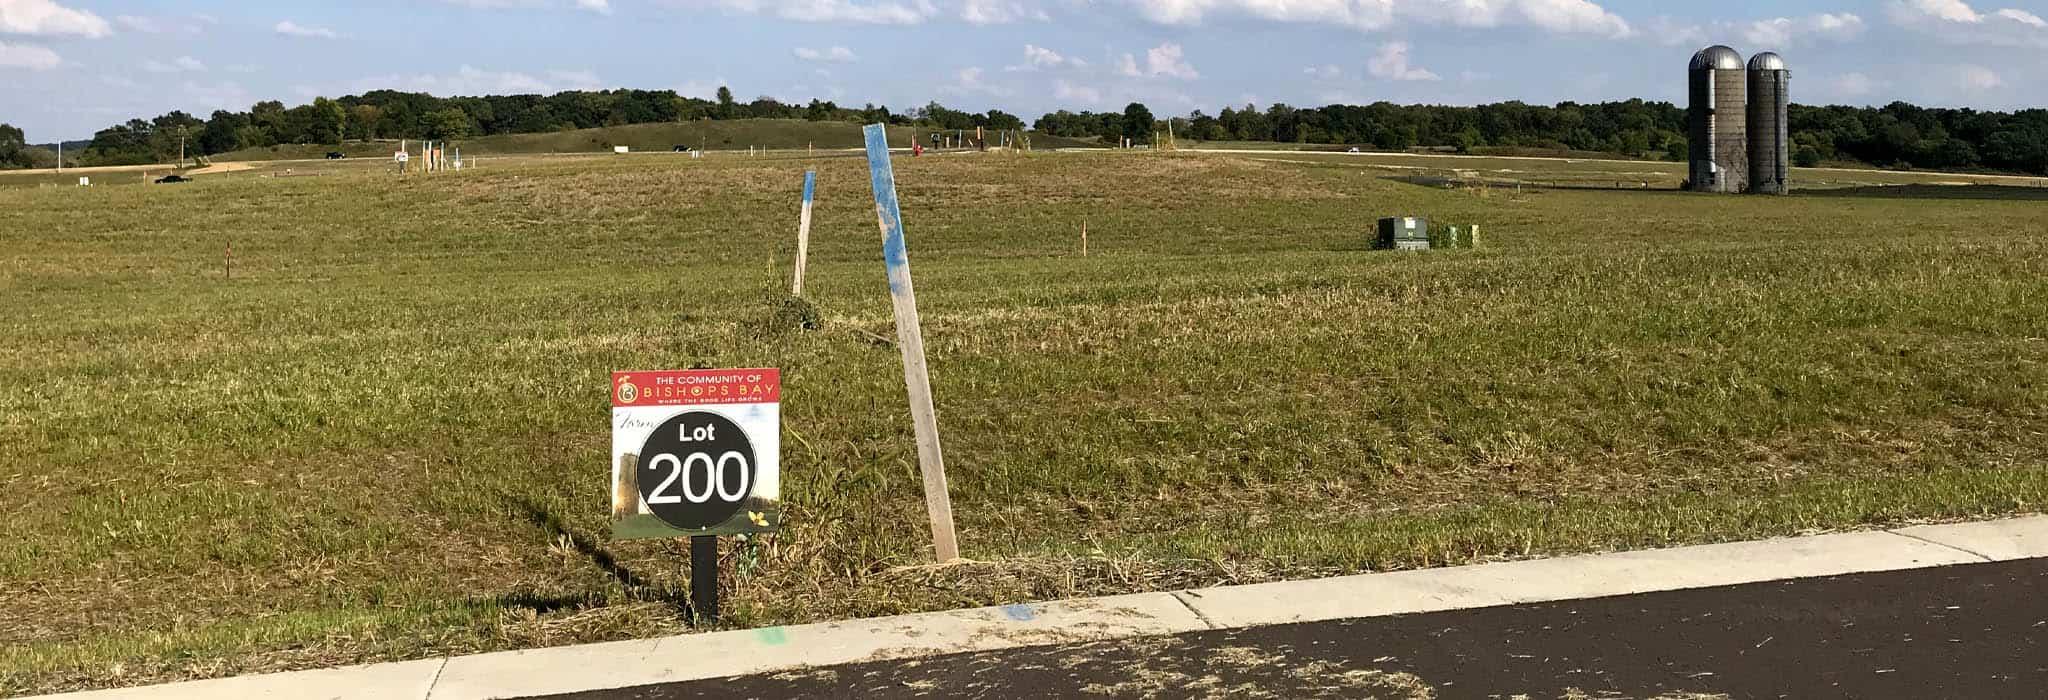 Farm Lot 200